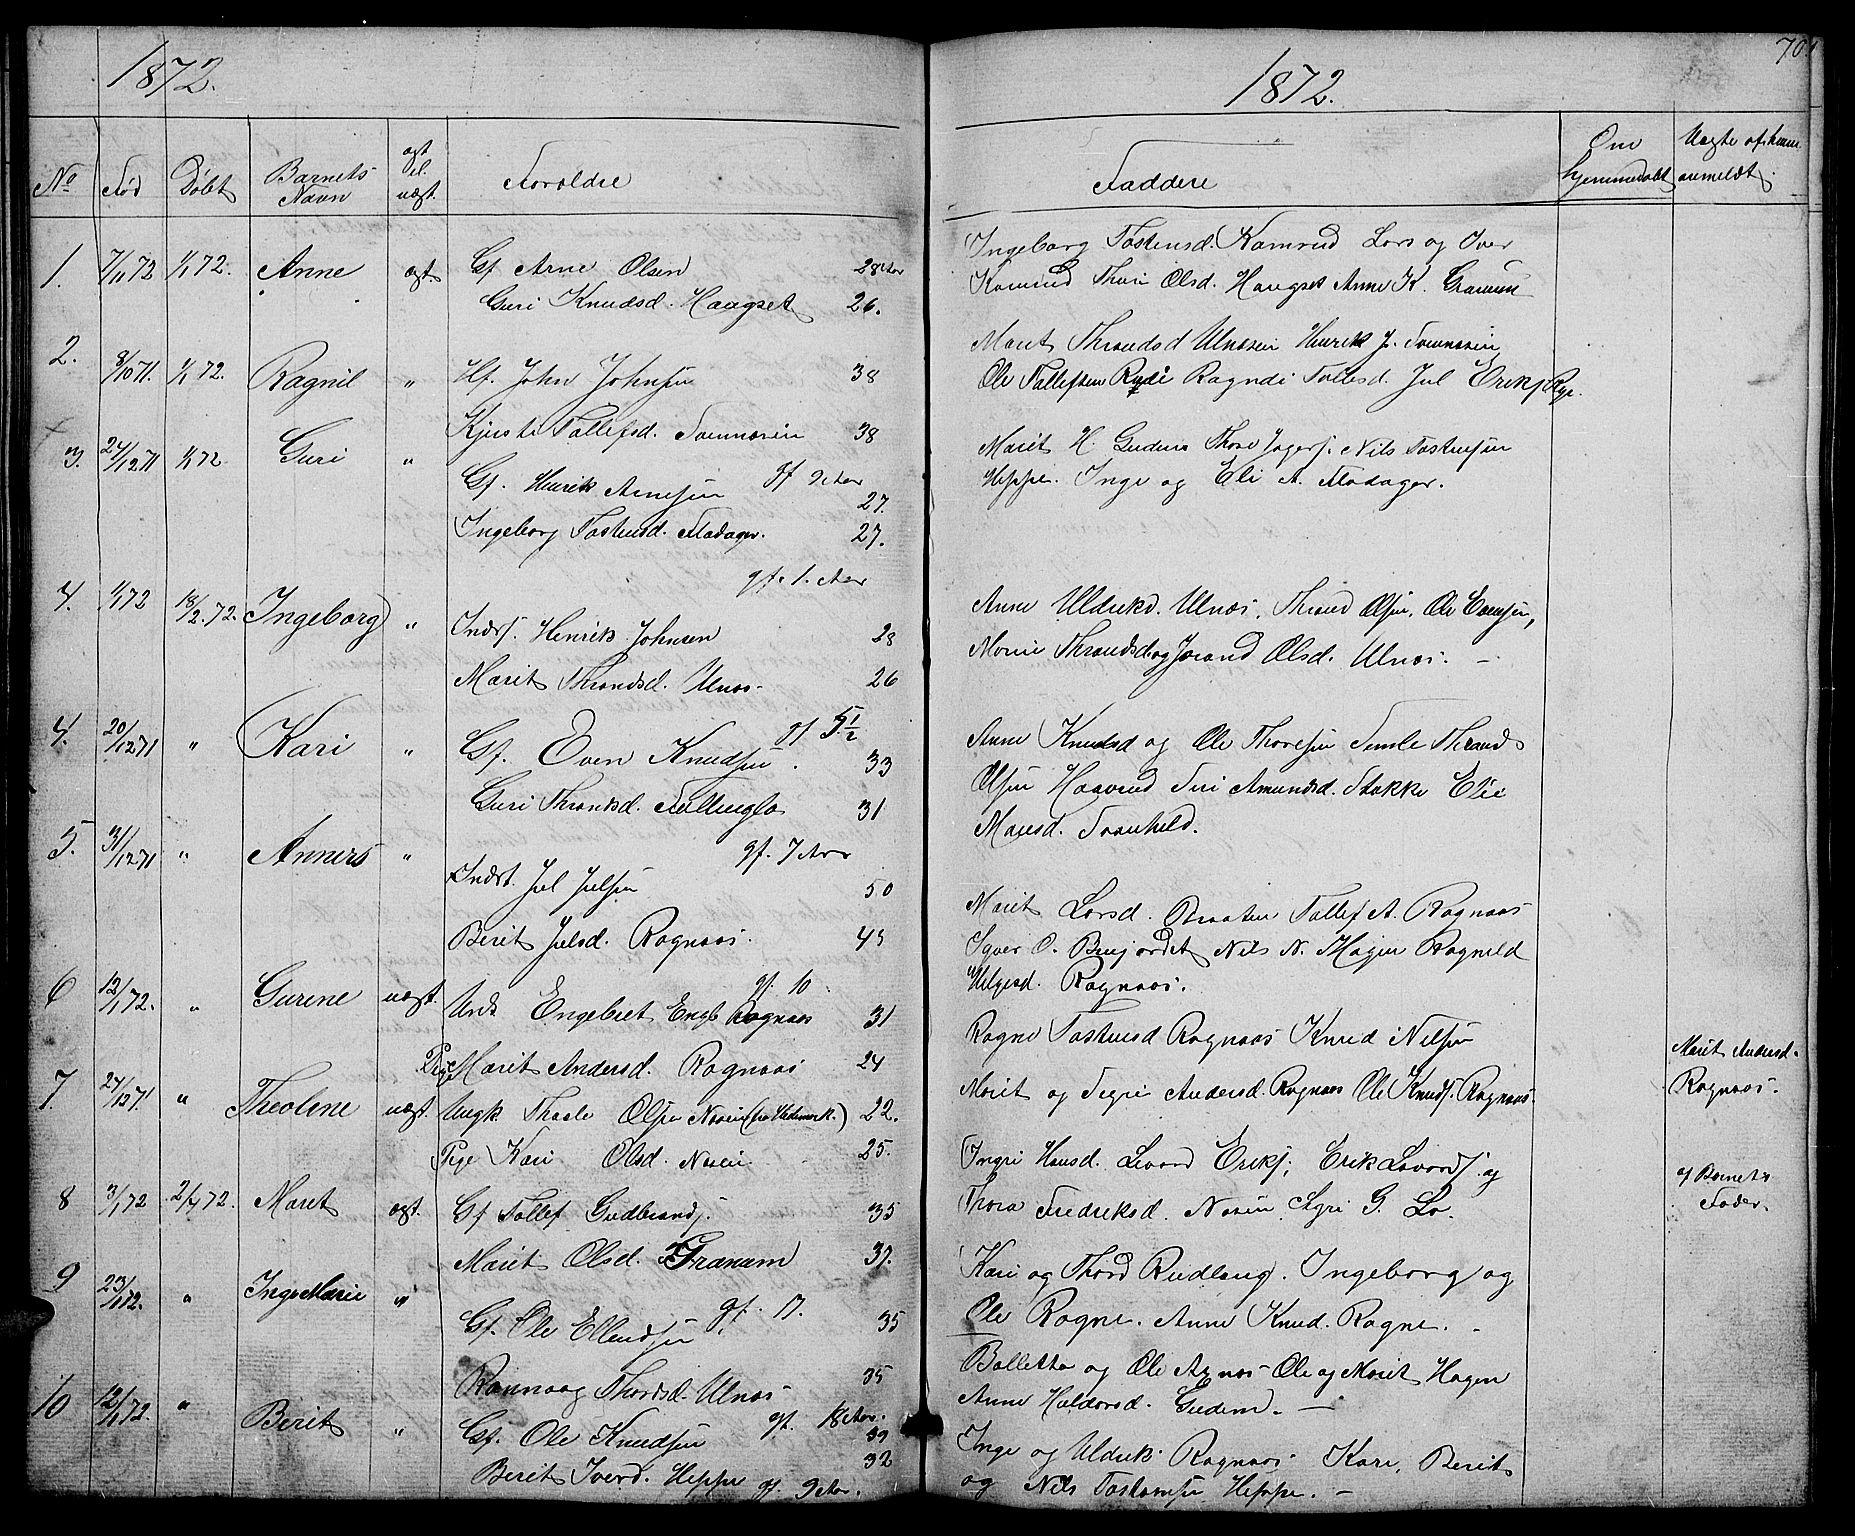 SAH, Nord-Aurdal prestekontor, Klokkerbok nr. 4, 1842-1882, s. 70